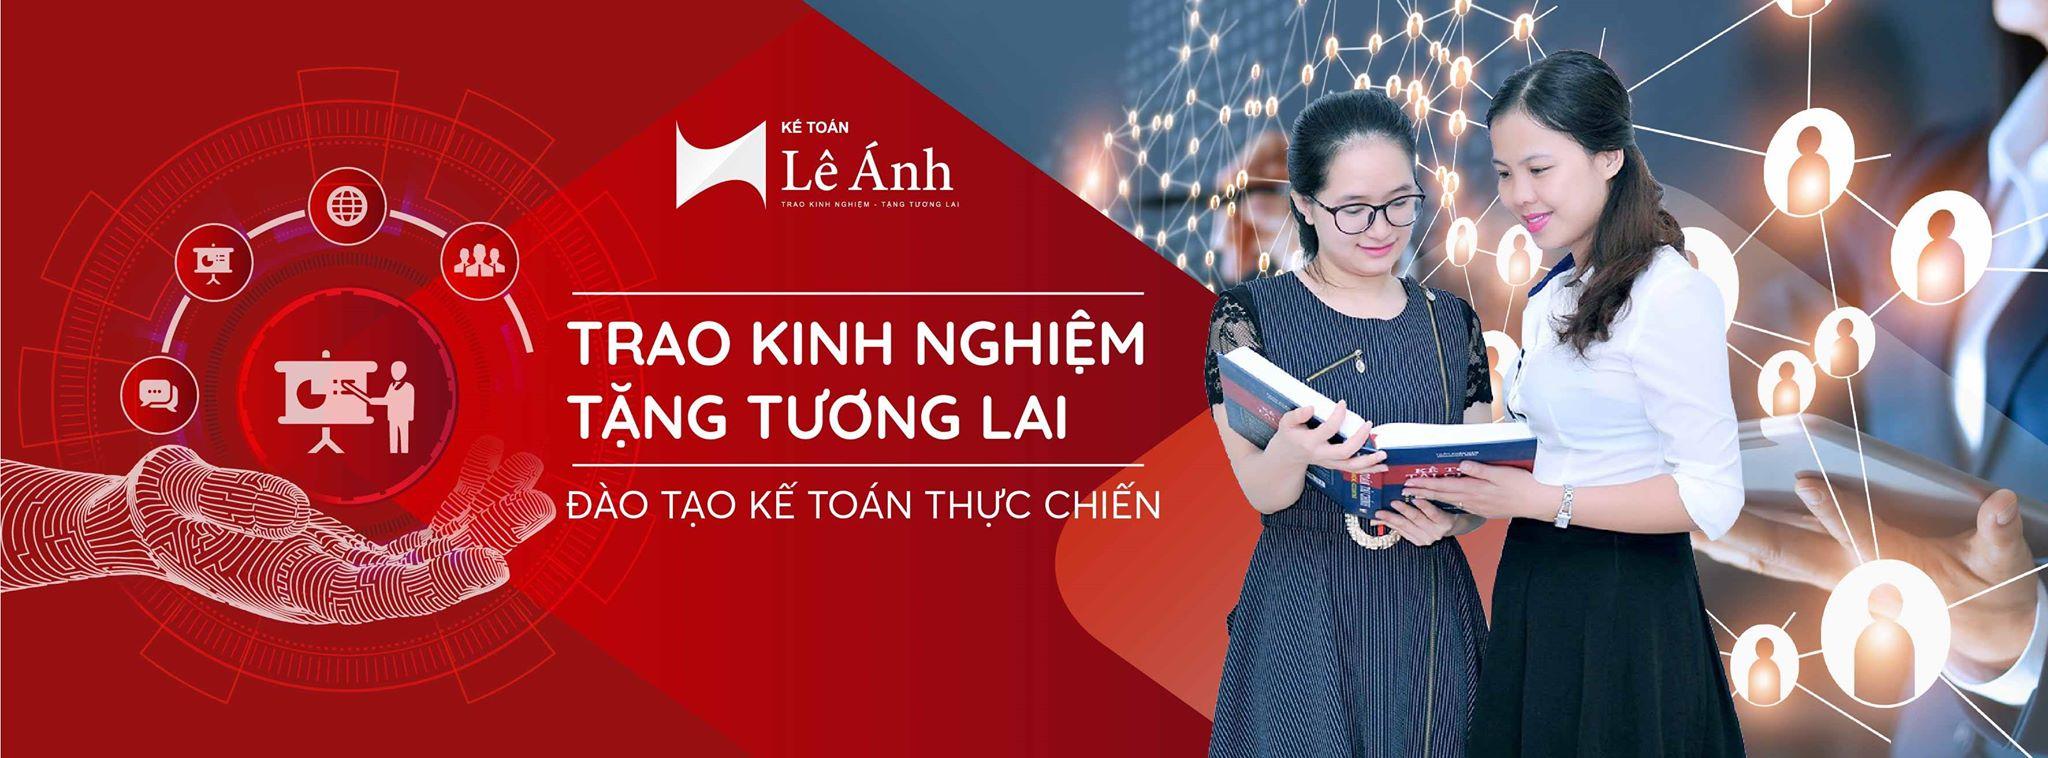 Banner Trung tâm kế toán- xuất nhập khẩu Lê Ánh